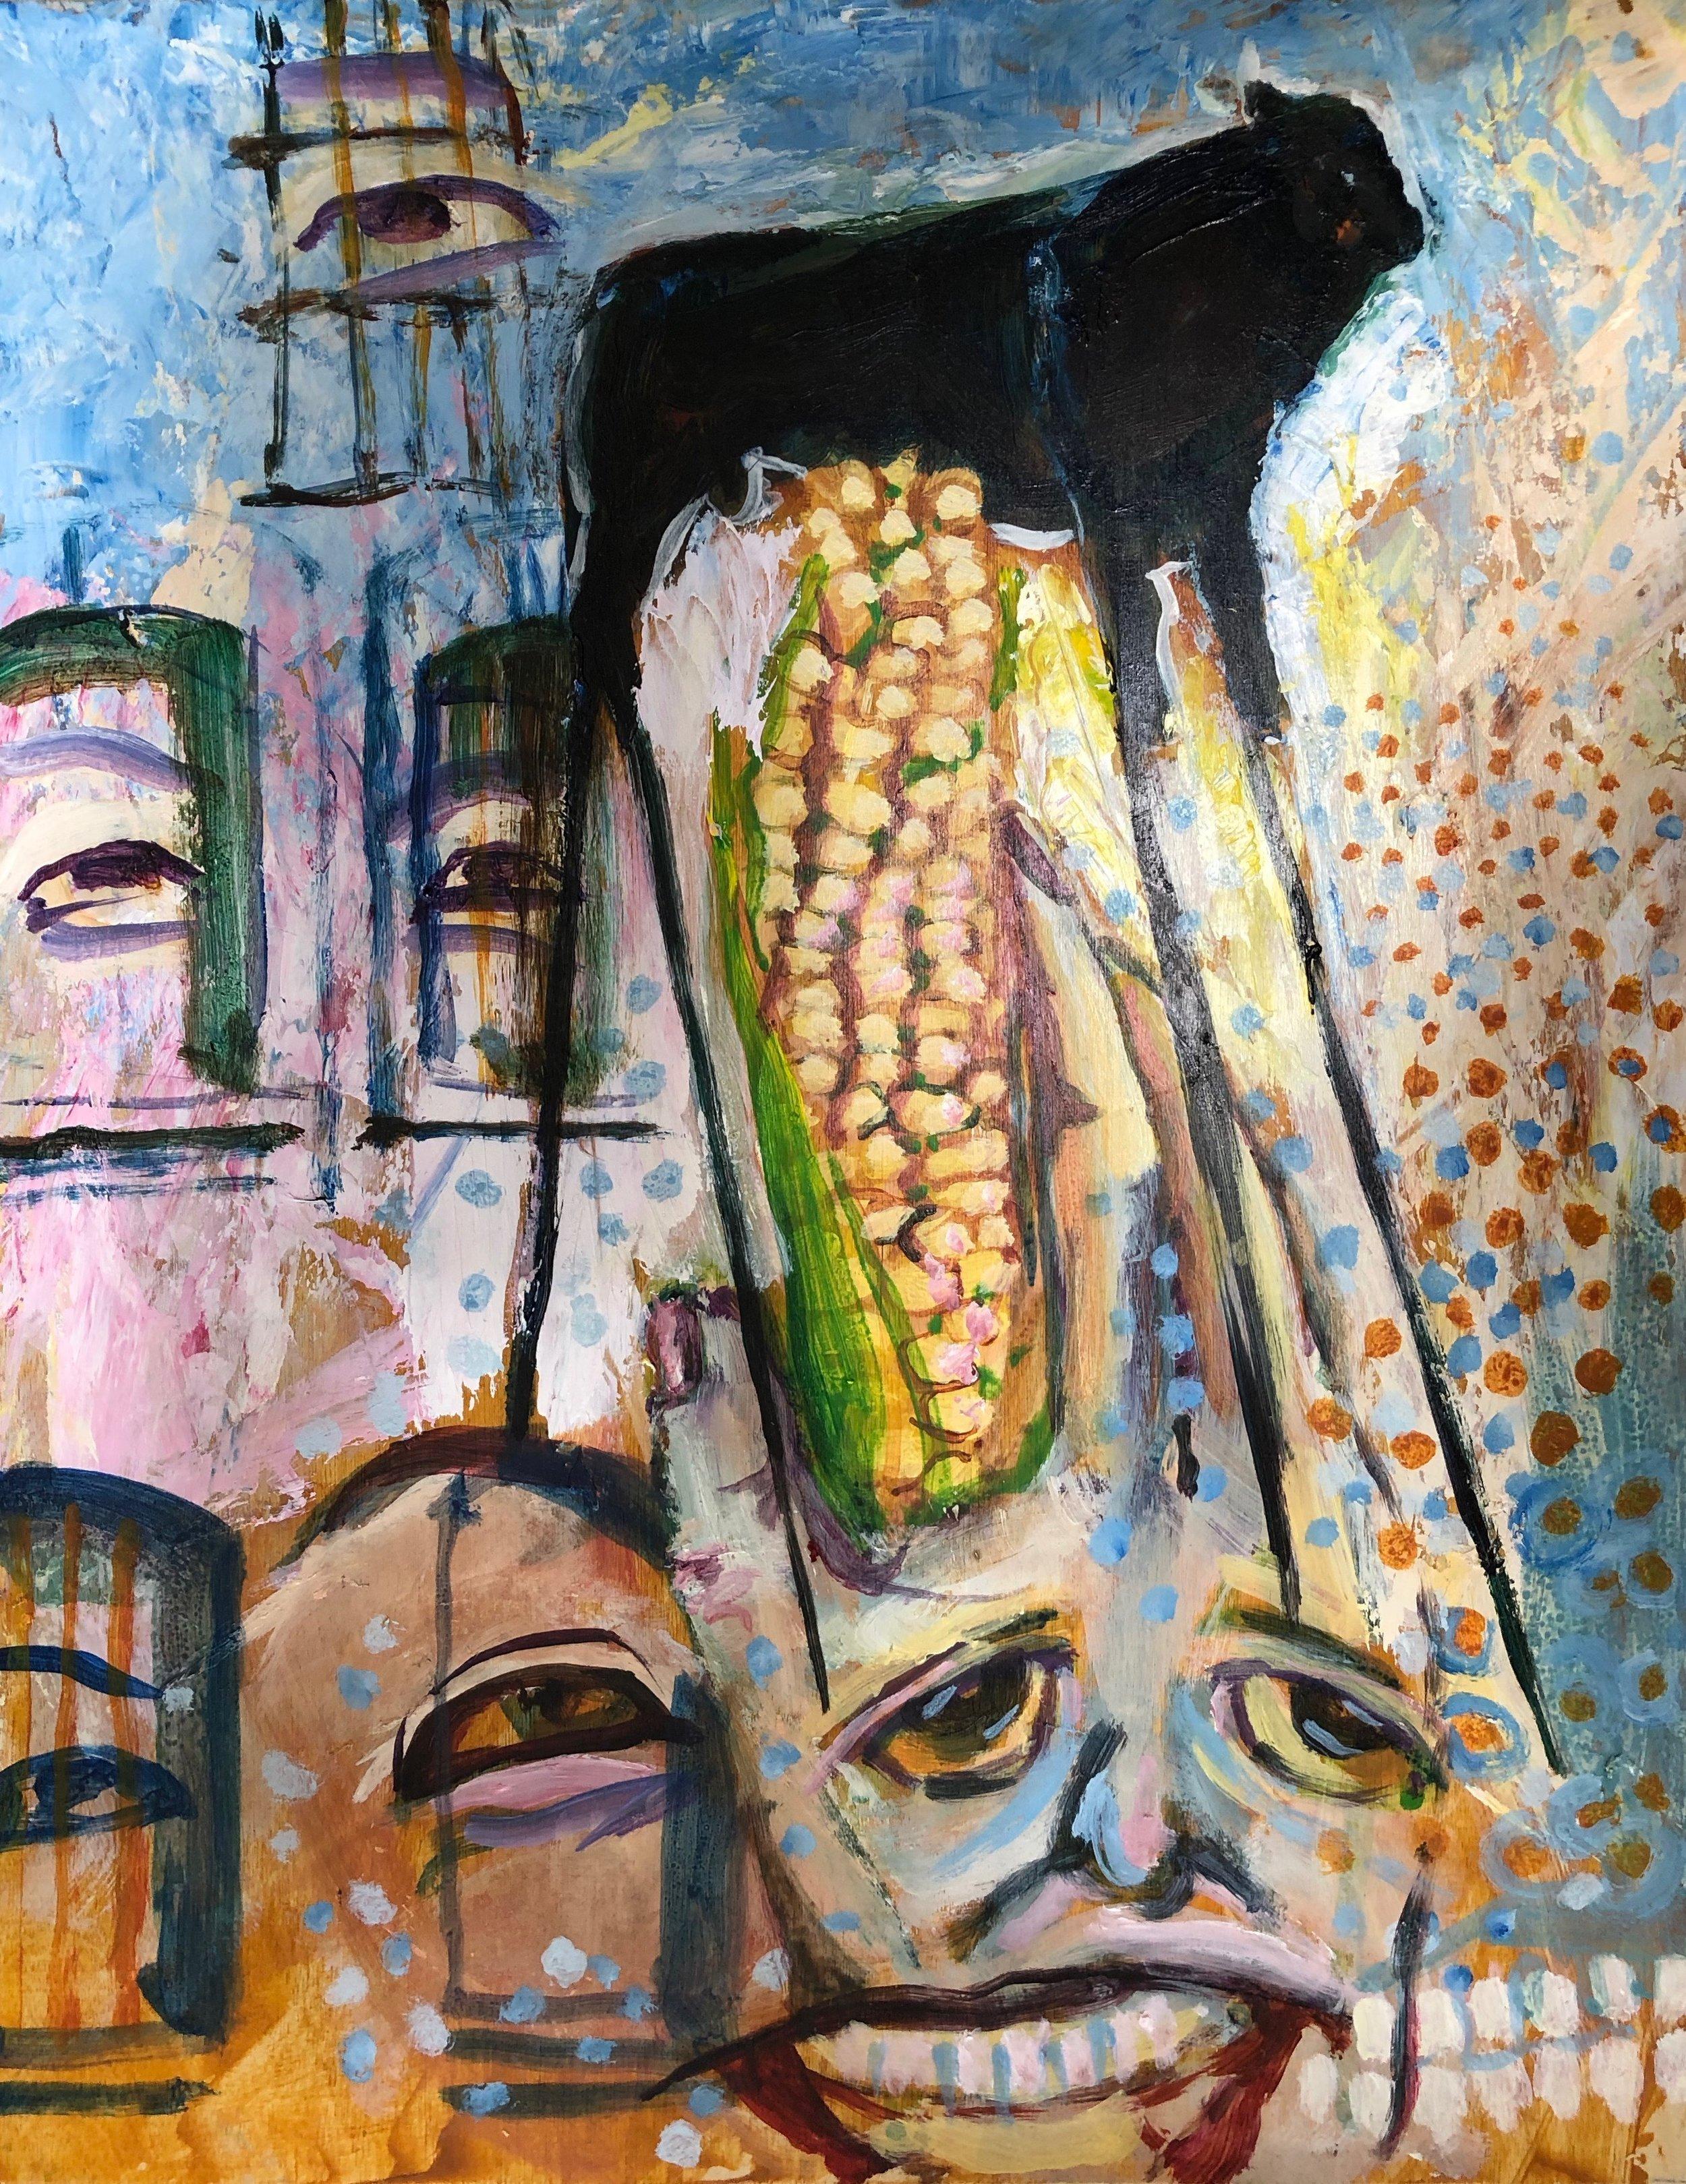 Bull on Stilts   Oil  11x14